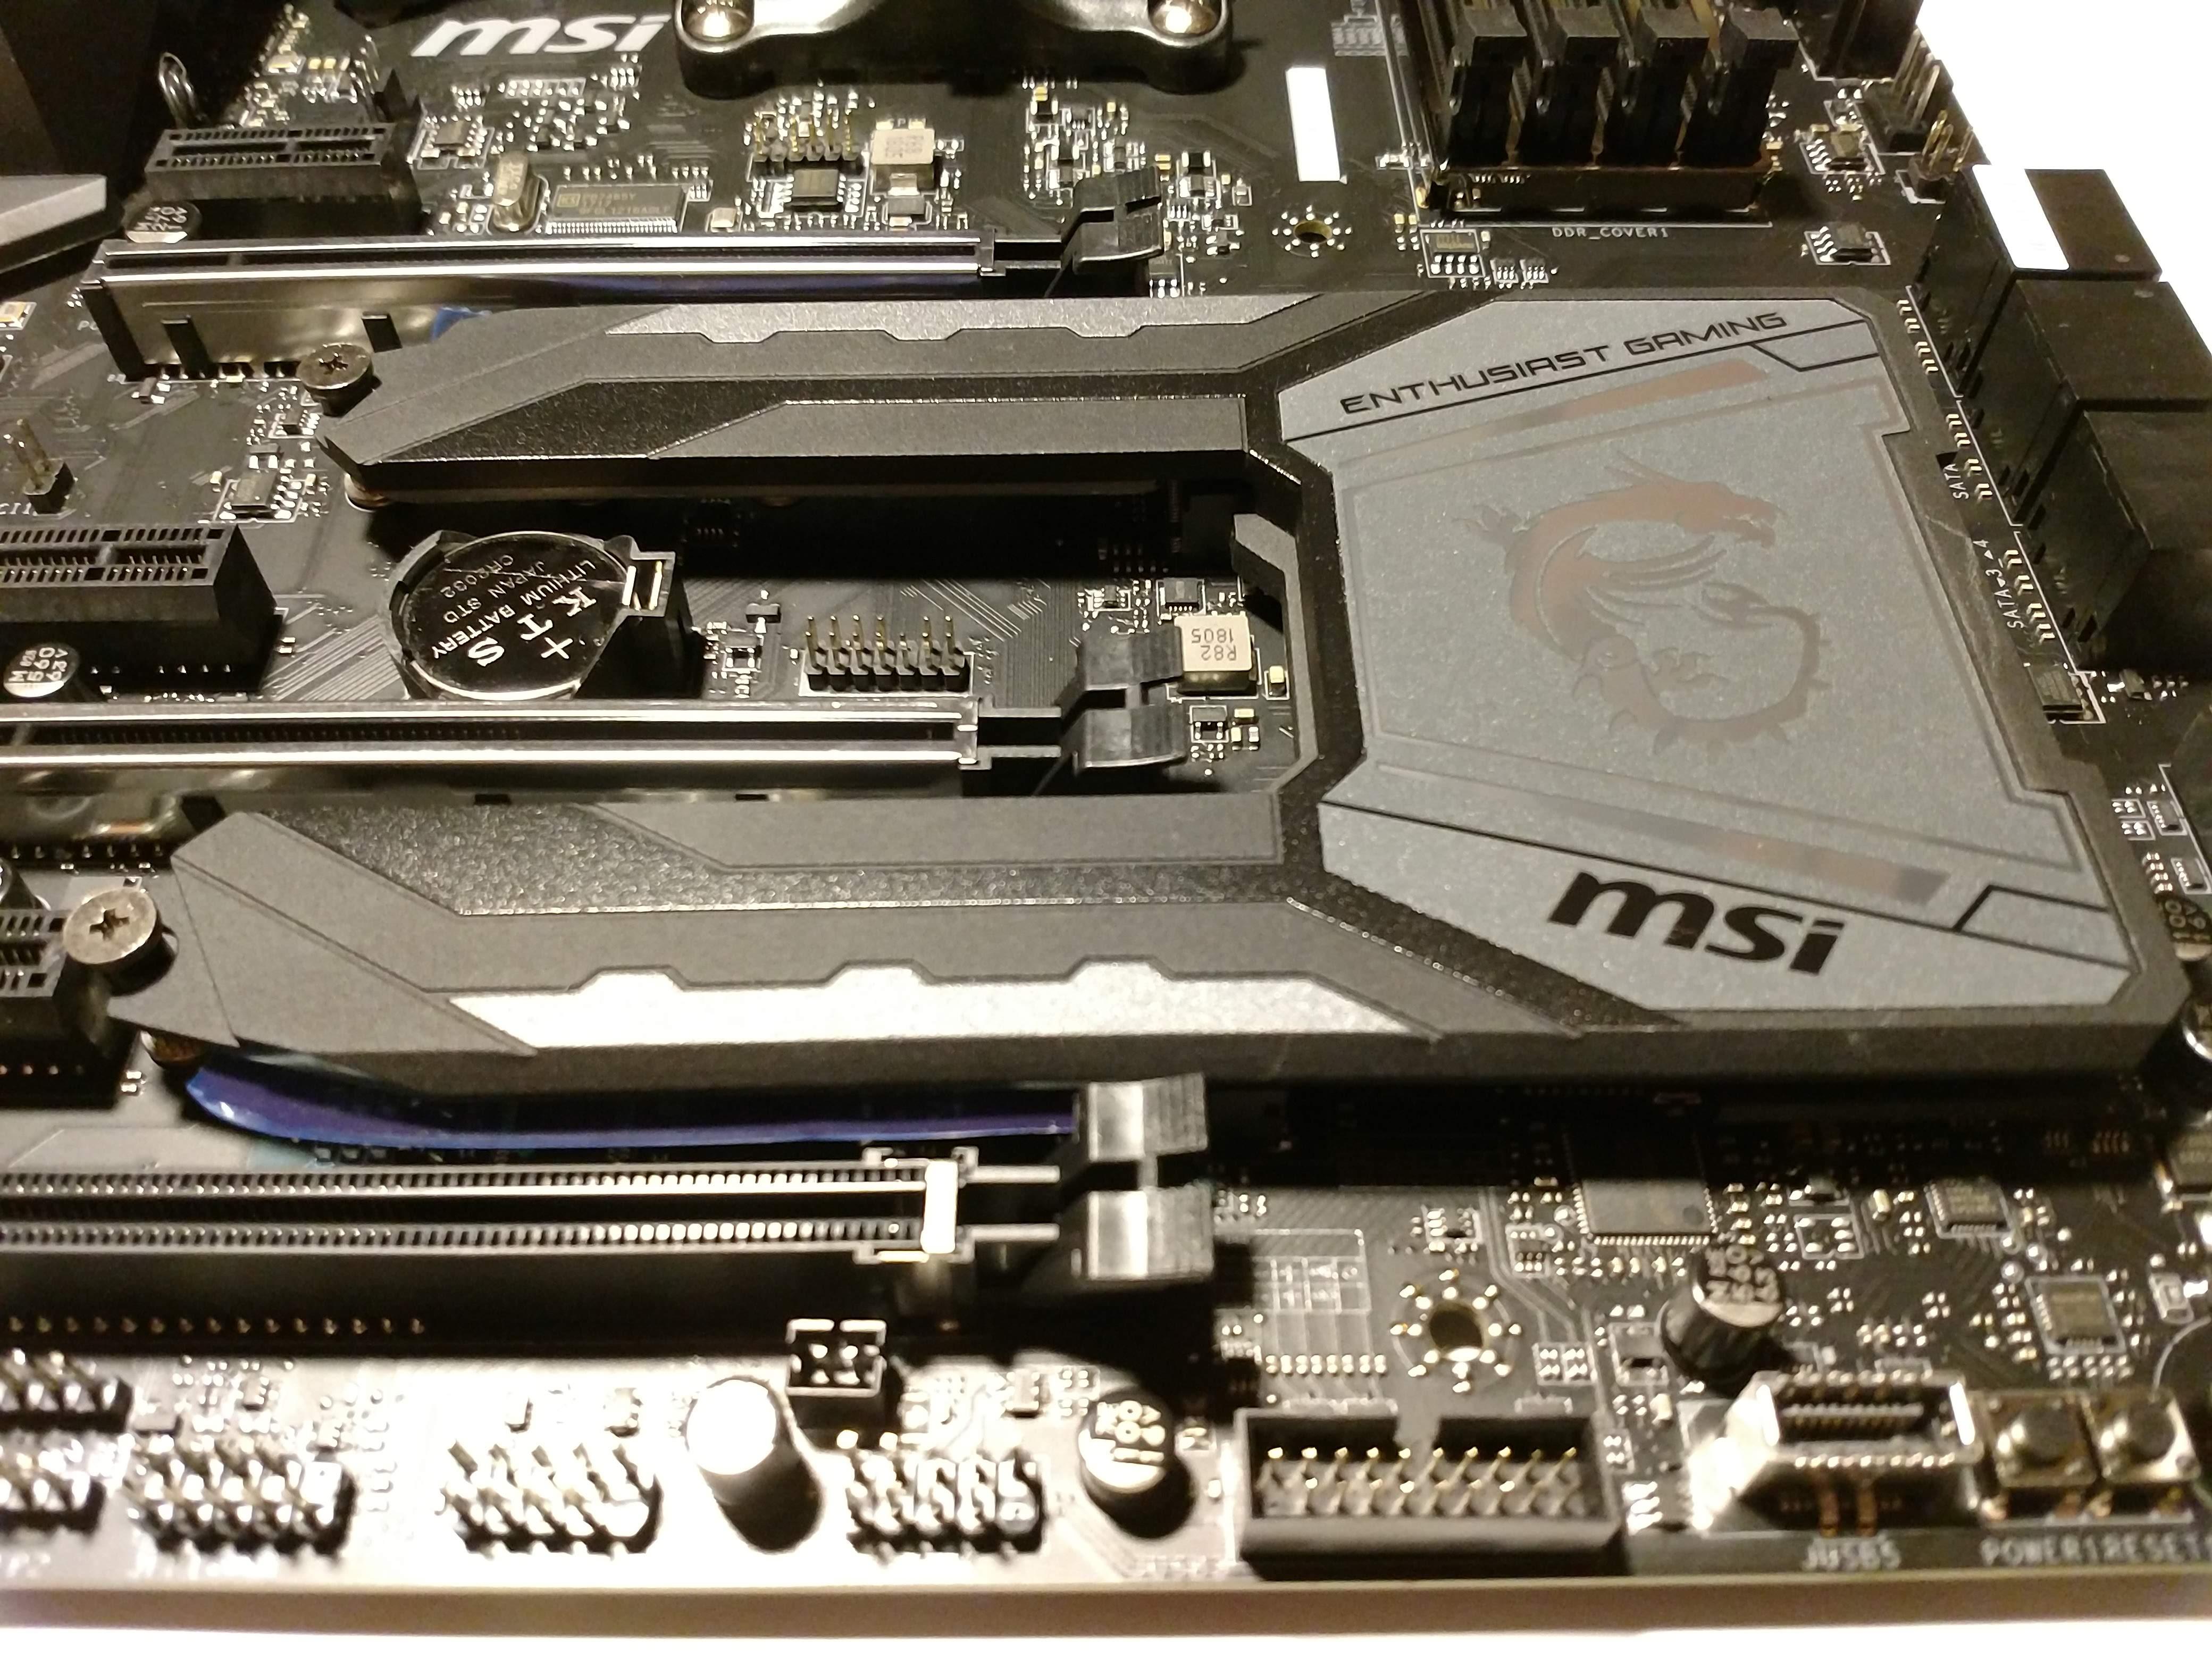 Klicken Sie auf die Grafik für eine größere Ansicht  Name:38. MSI X470 Gaming M7 AC M.2 SHIELD FROZR.jpg Hits:42 Größe:1,06 MB ID:1000589